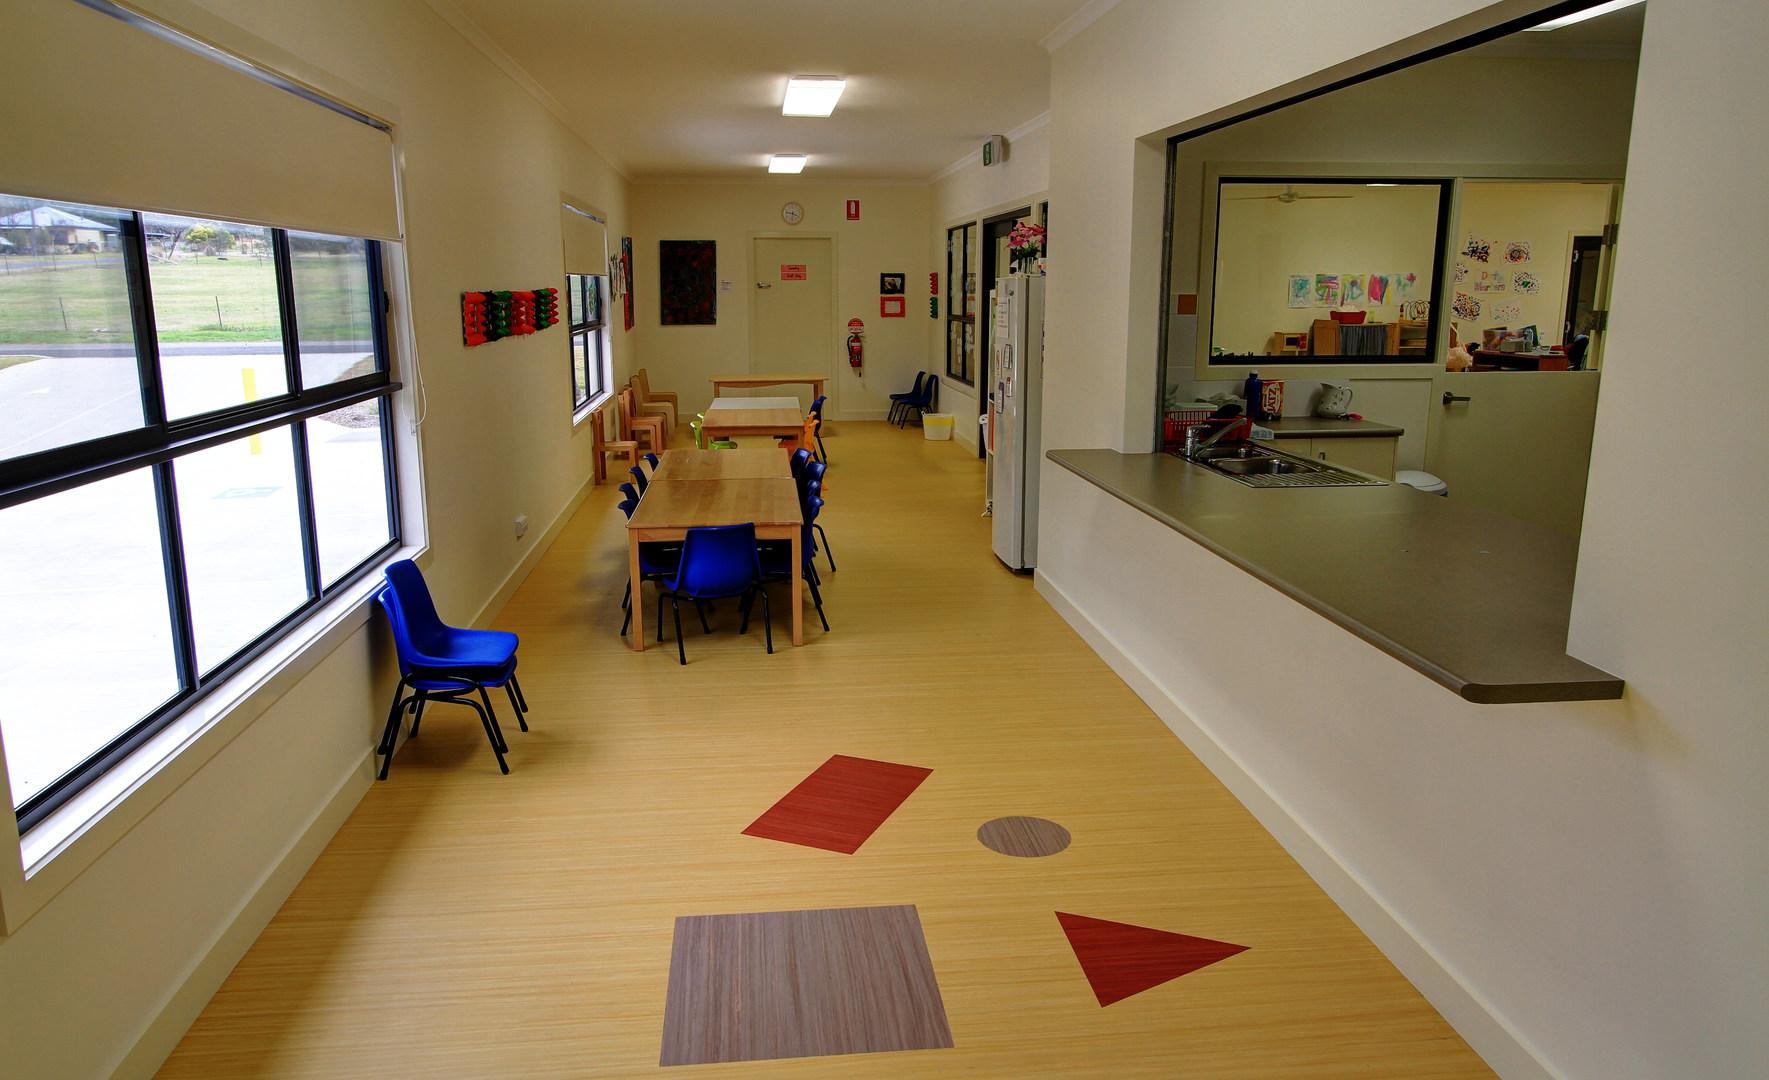 Kootingal Preschool Breakout space